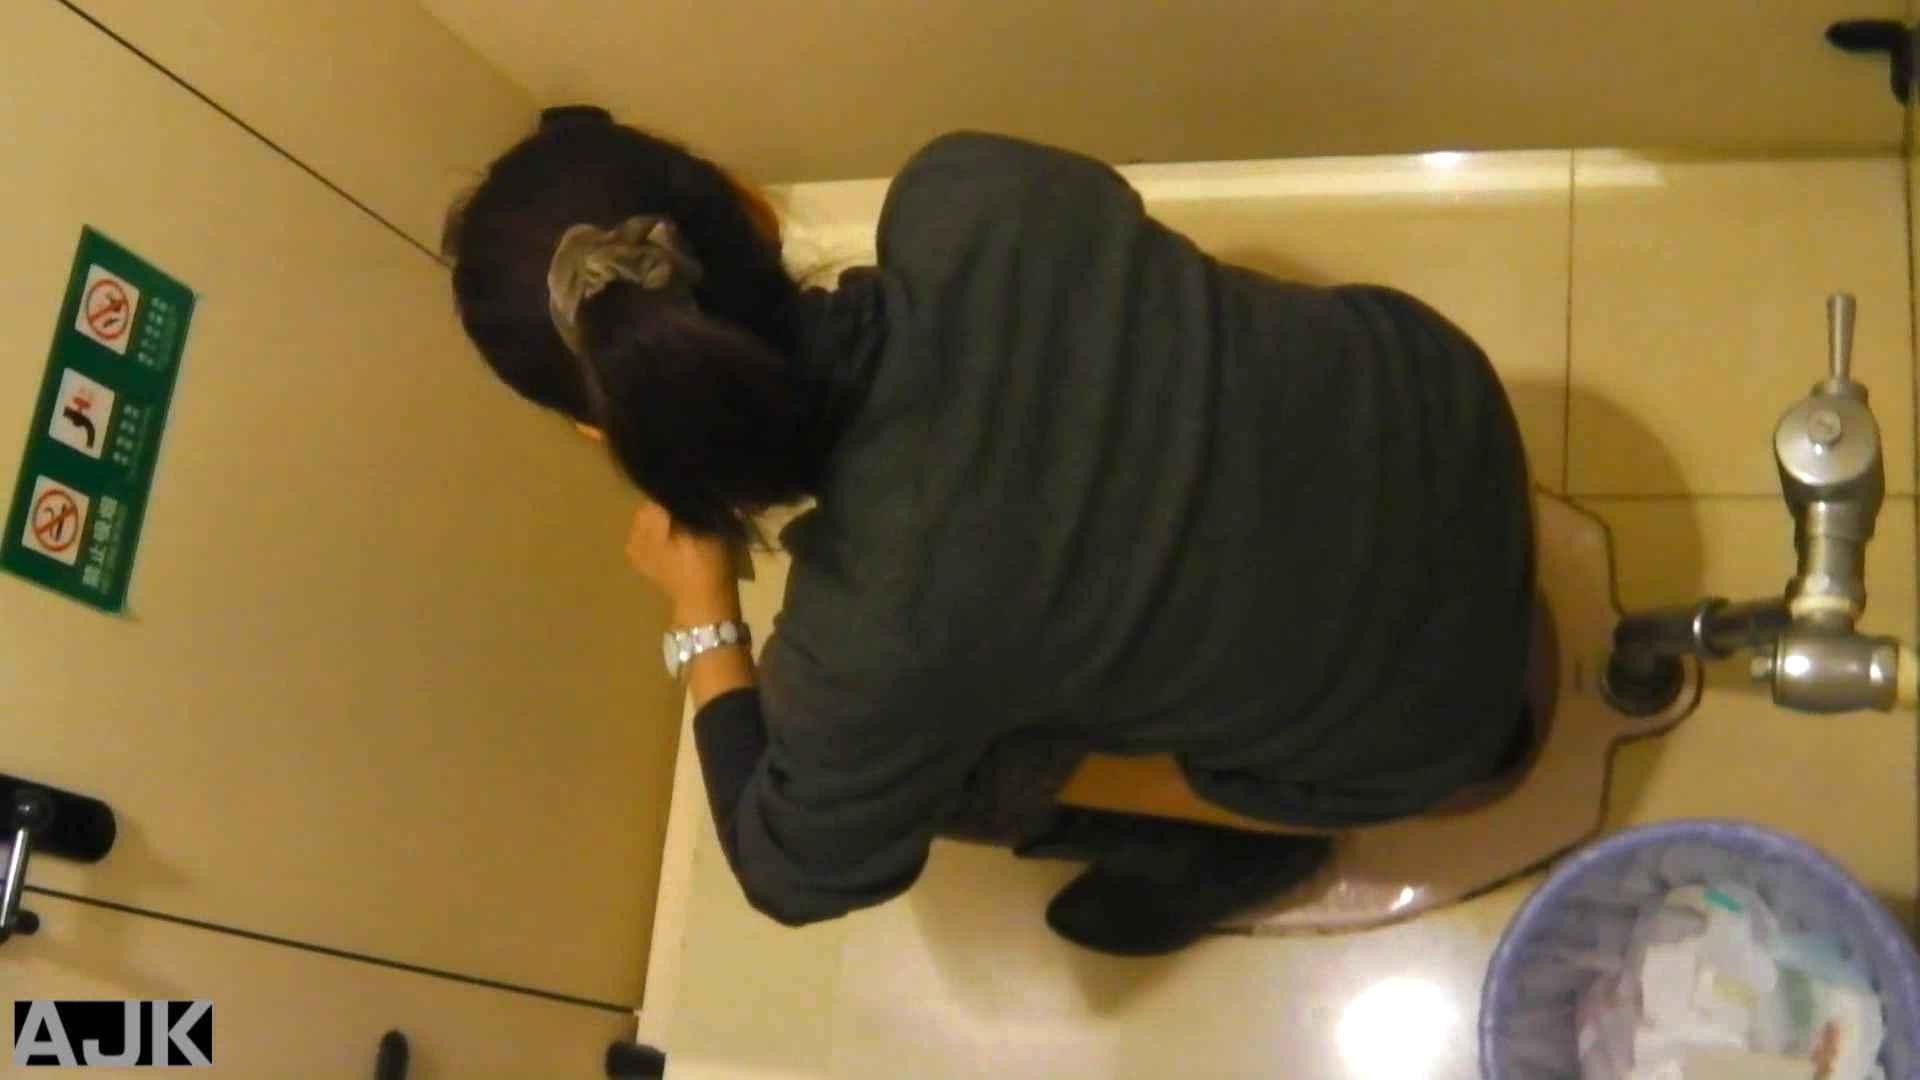 隣国上階級エリアの令嬢たちが集うデパートお手洗い Vol.26 お手洗い  17連発 8